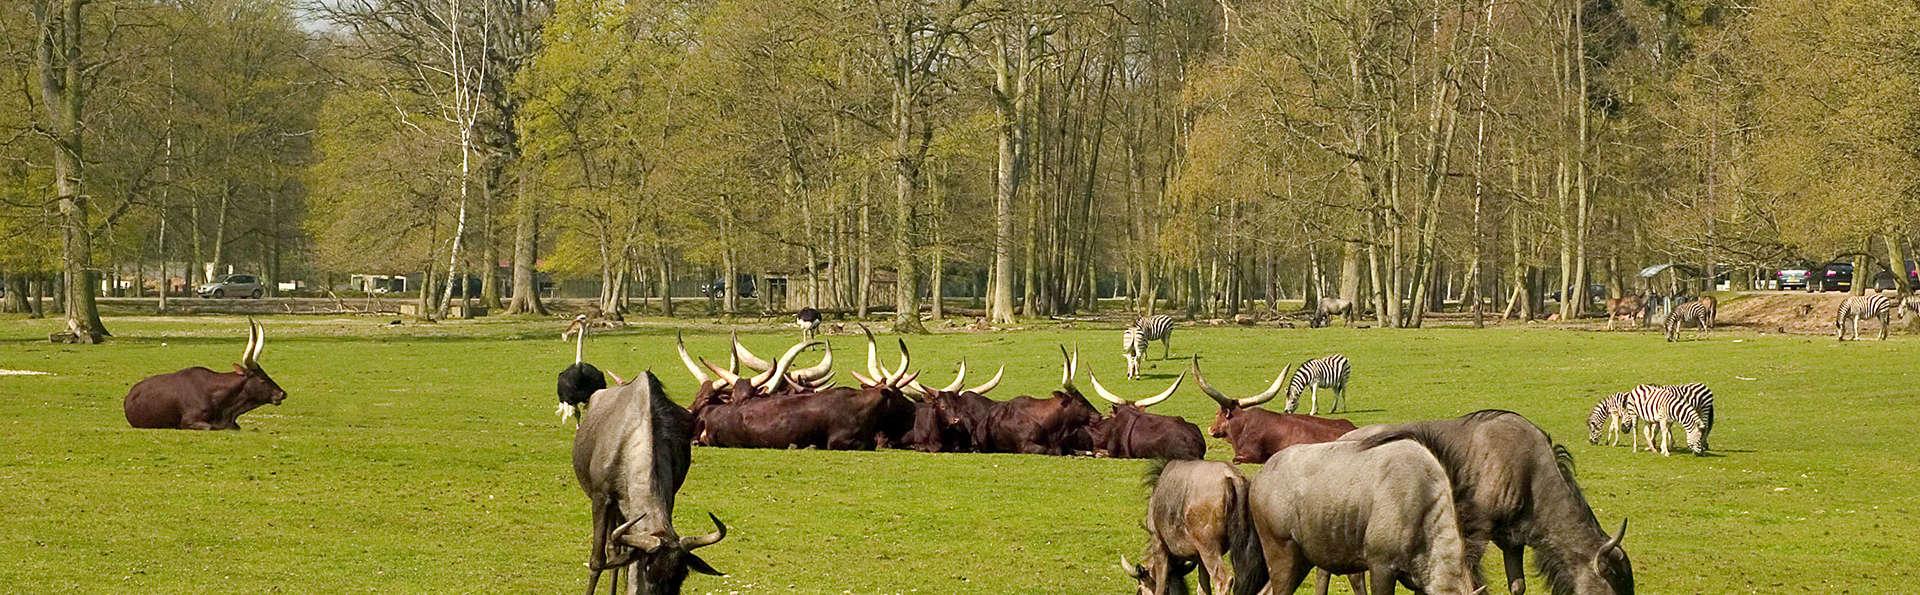 Aventurez-vous au zoo de Thoiry le temps d'un week-end